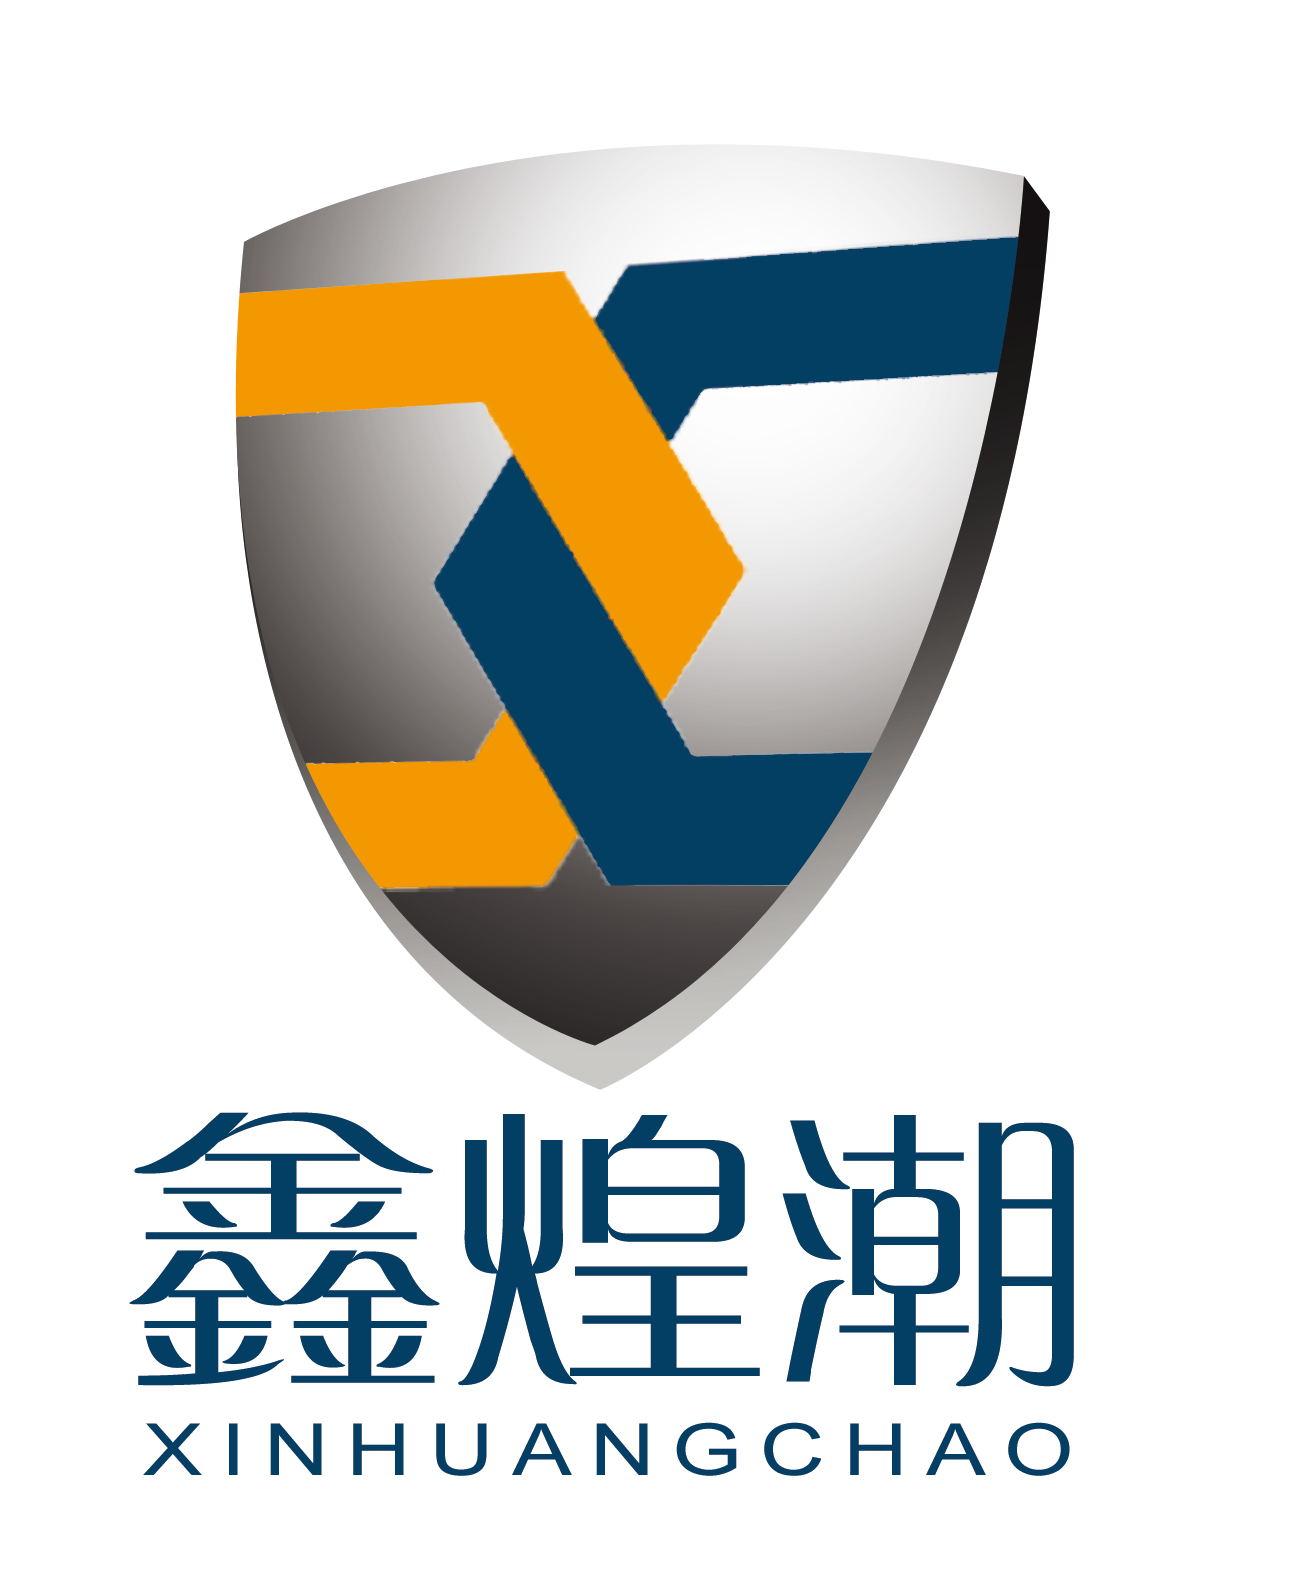 廣州鑫煌潮電子科技有限公司